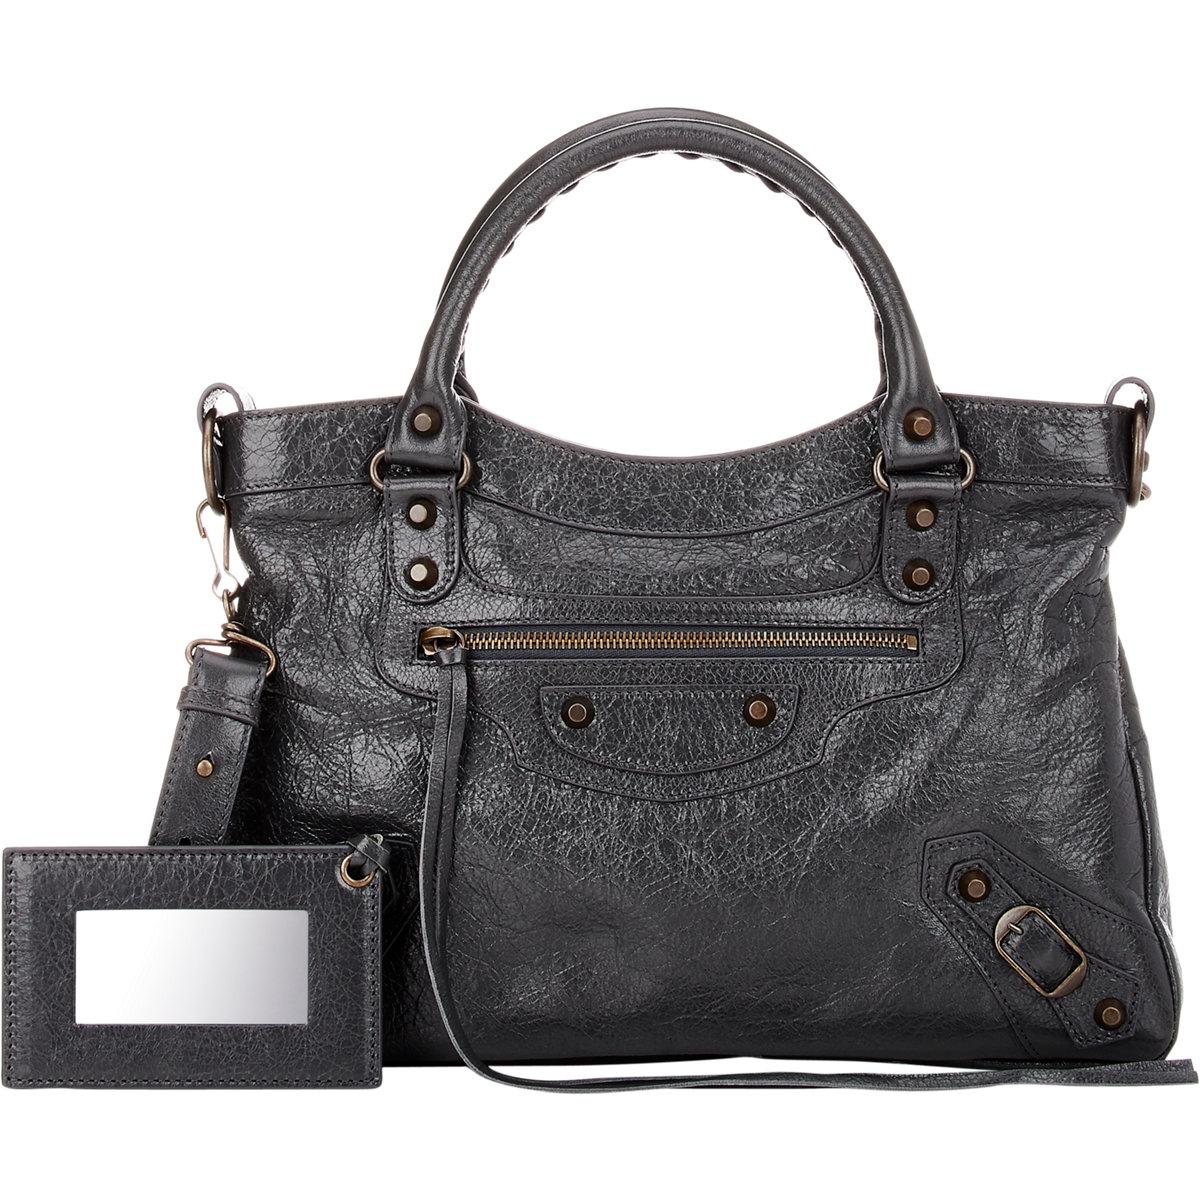 Balenciaga Bag Sale Lyst  bcae419d500ad